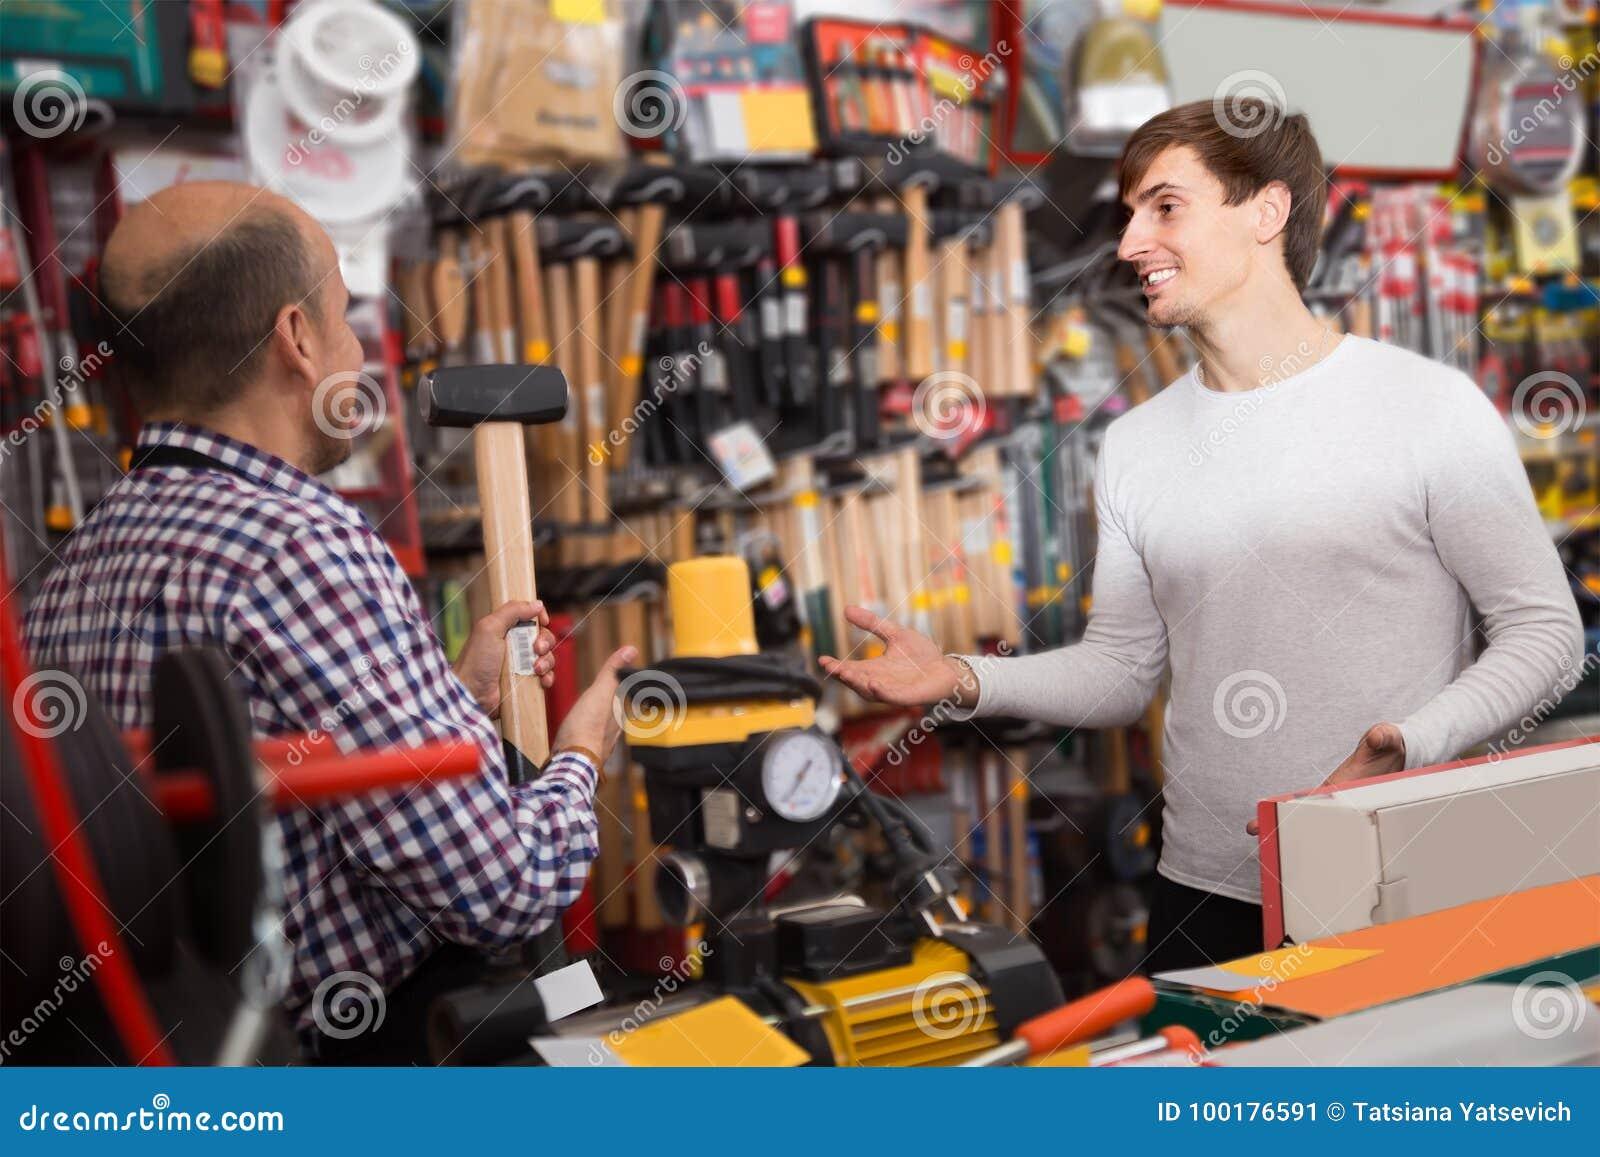 Νέος αρσενικός πελάτης και ώριμος πωλητής στη σχεδίαση του τμήματος